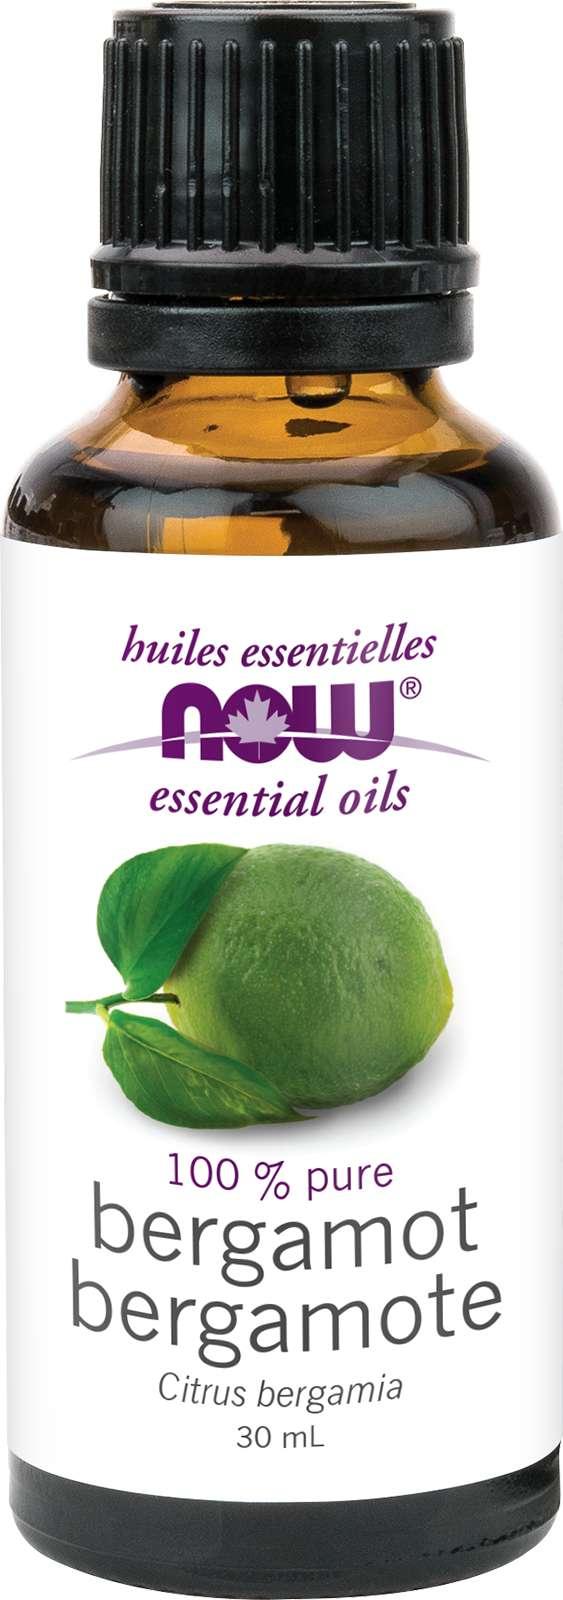 Bergamot Oil (Citrus bergamia) 30mL